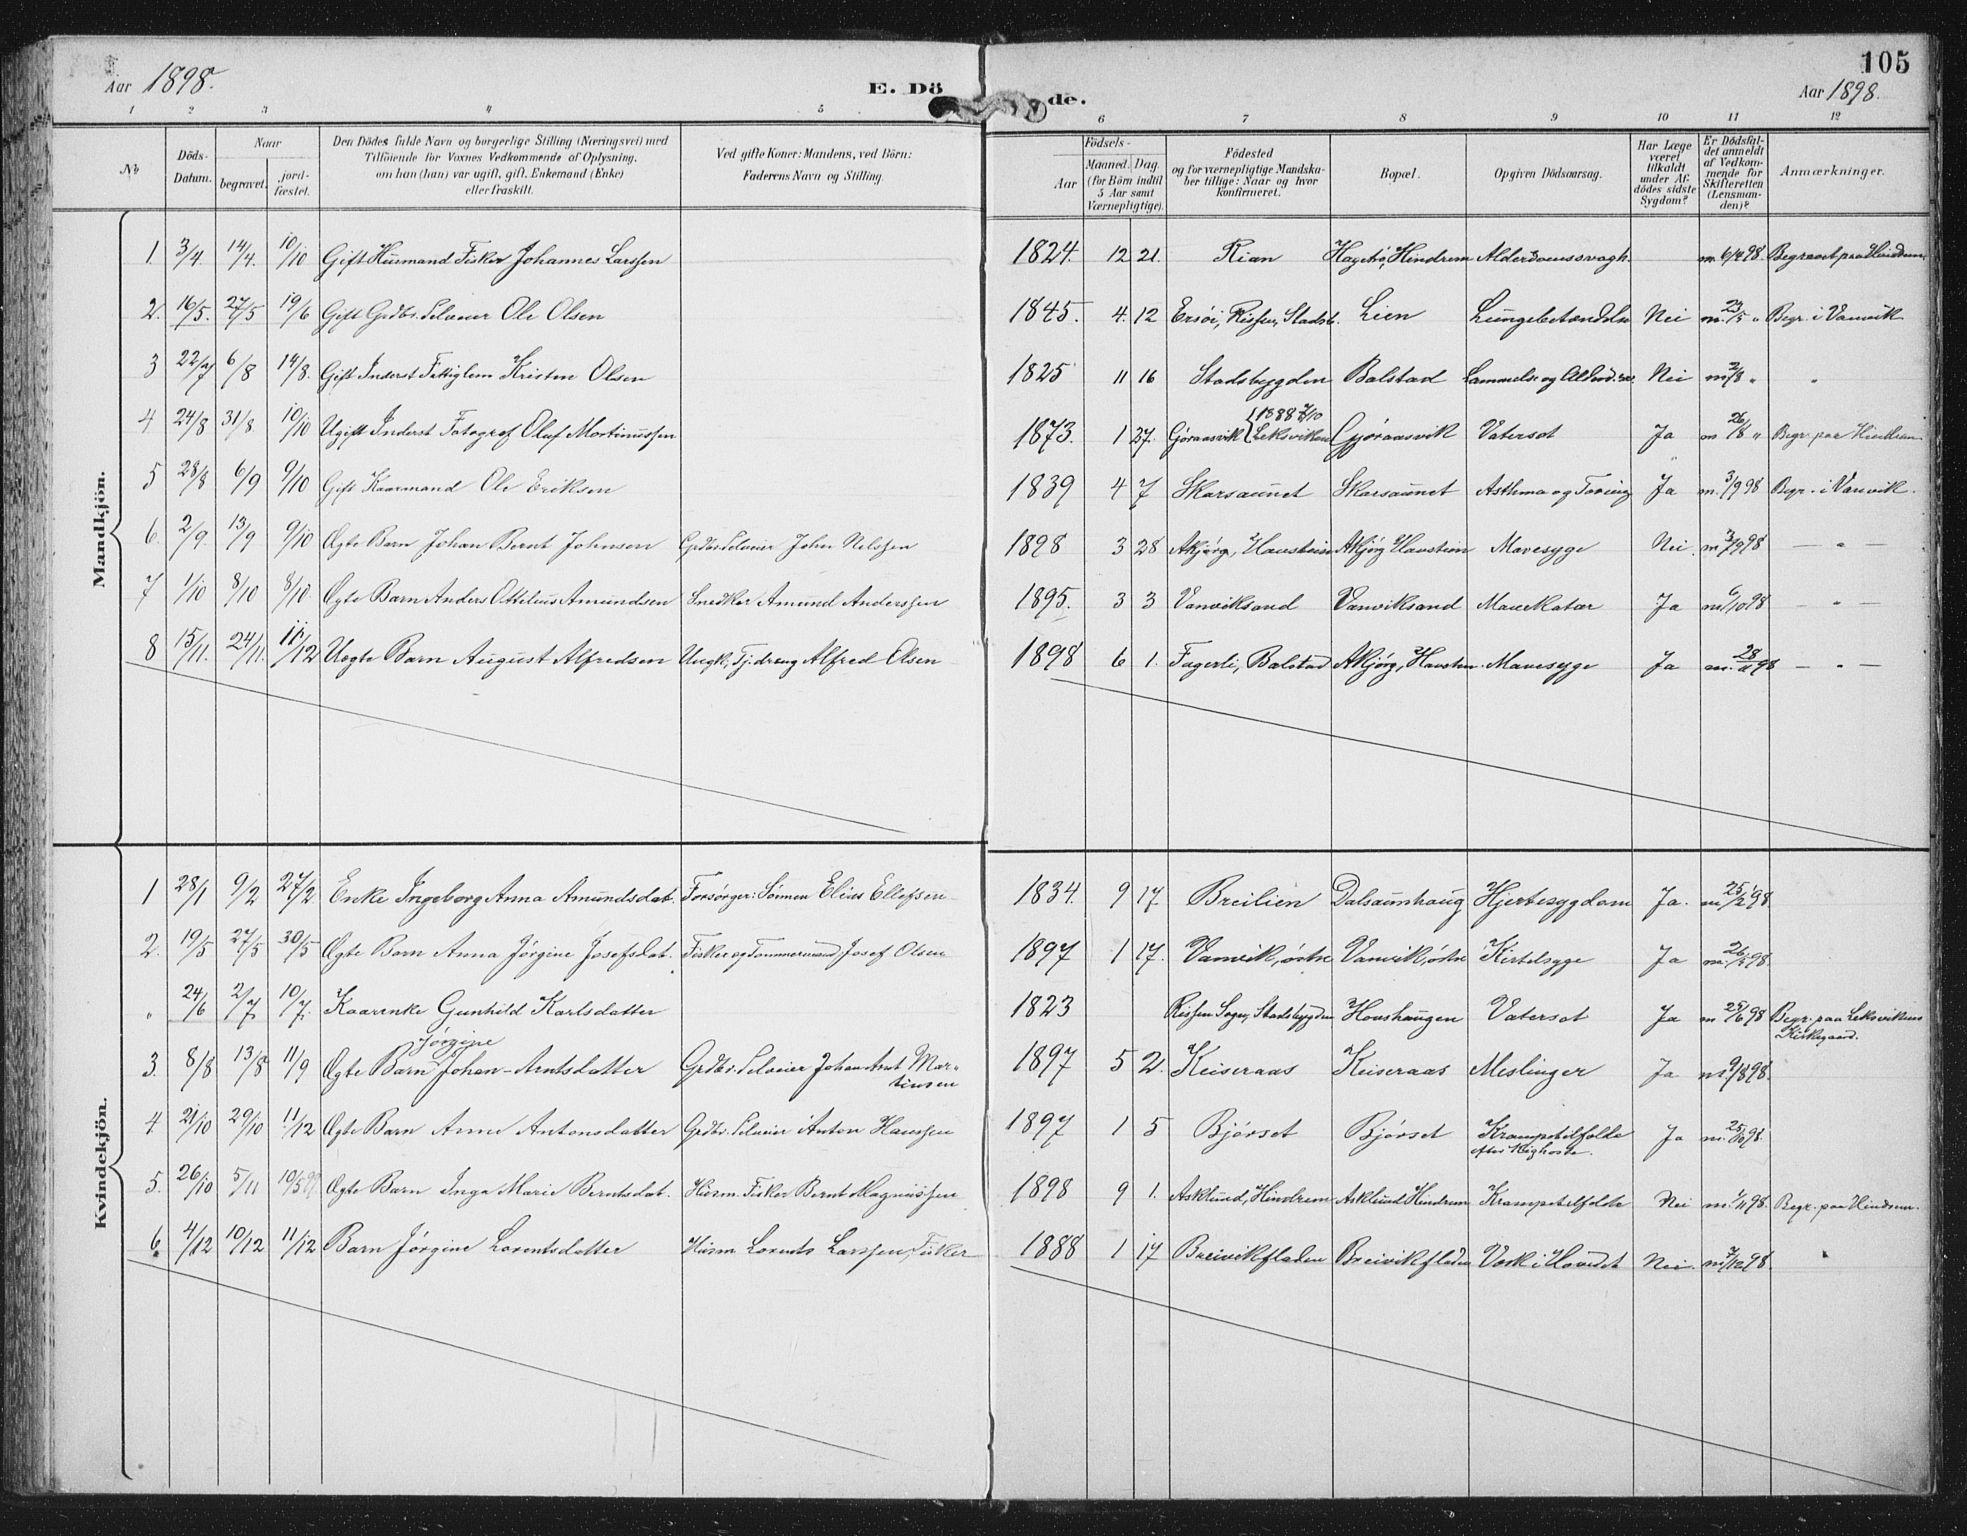 SAT, Ministerialprotokoller, klokkerbøker og fødselsregistre - Nord-Trøndelag, 702/L0024: Ministerialbok nr. 702A02, 1898-1914, s. 105